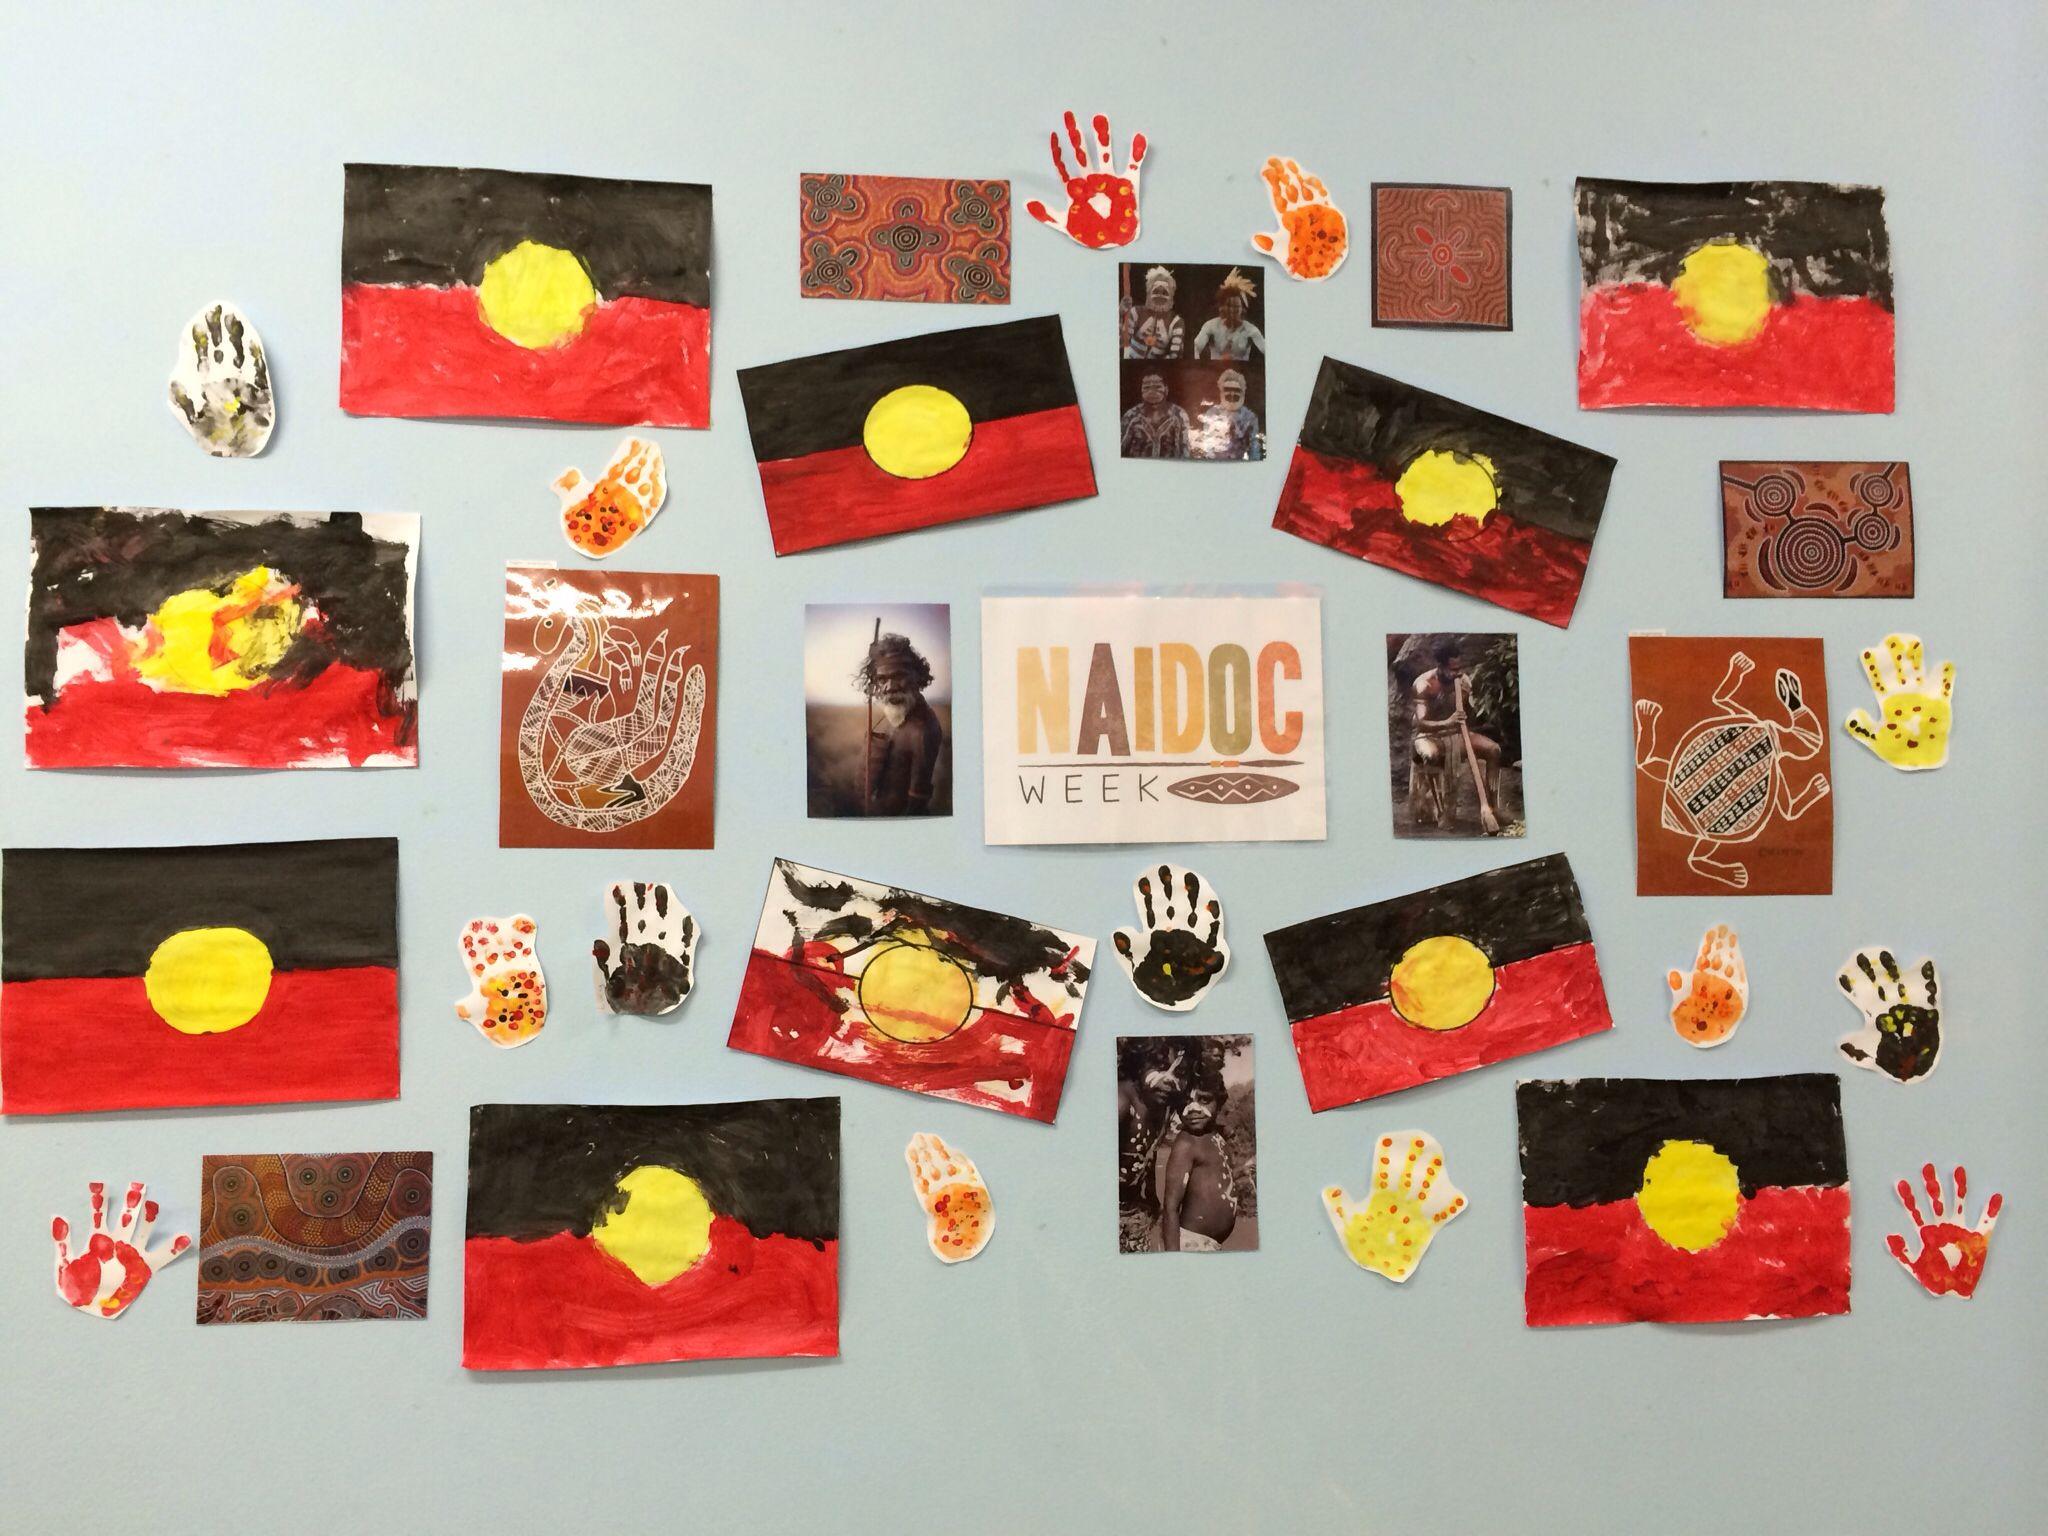 Naidoc Preschool Room Display